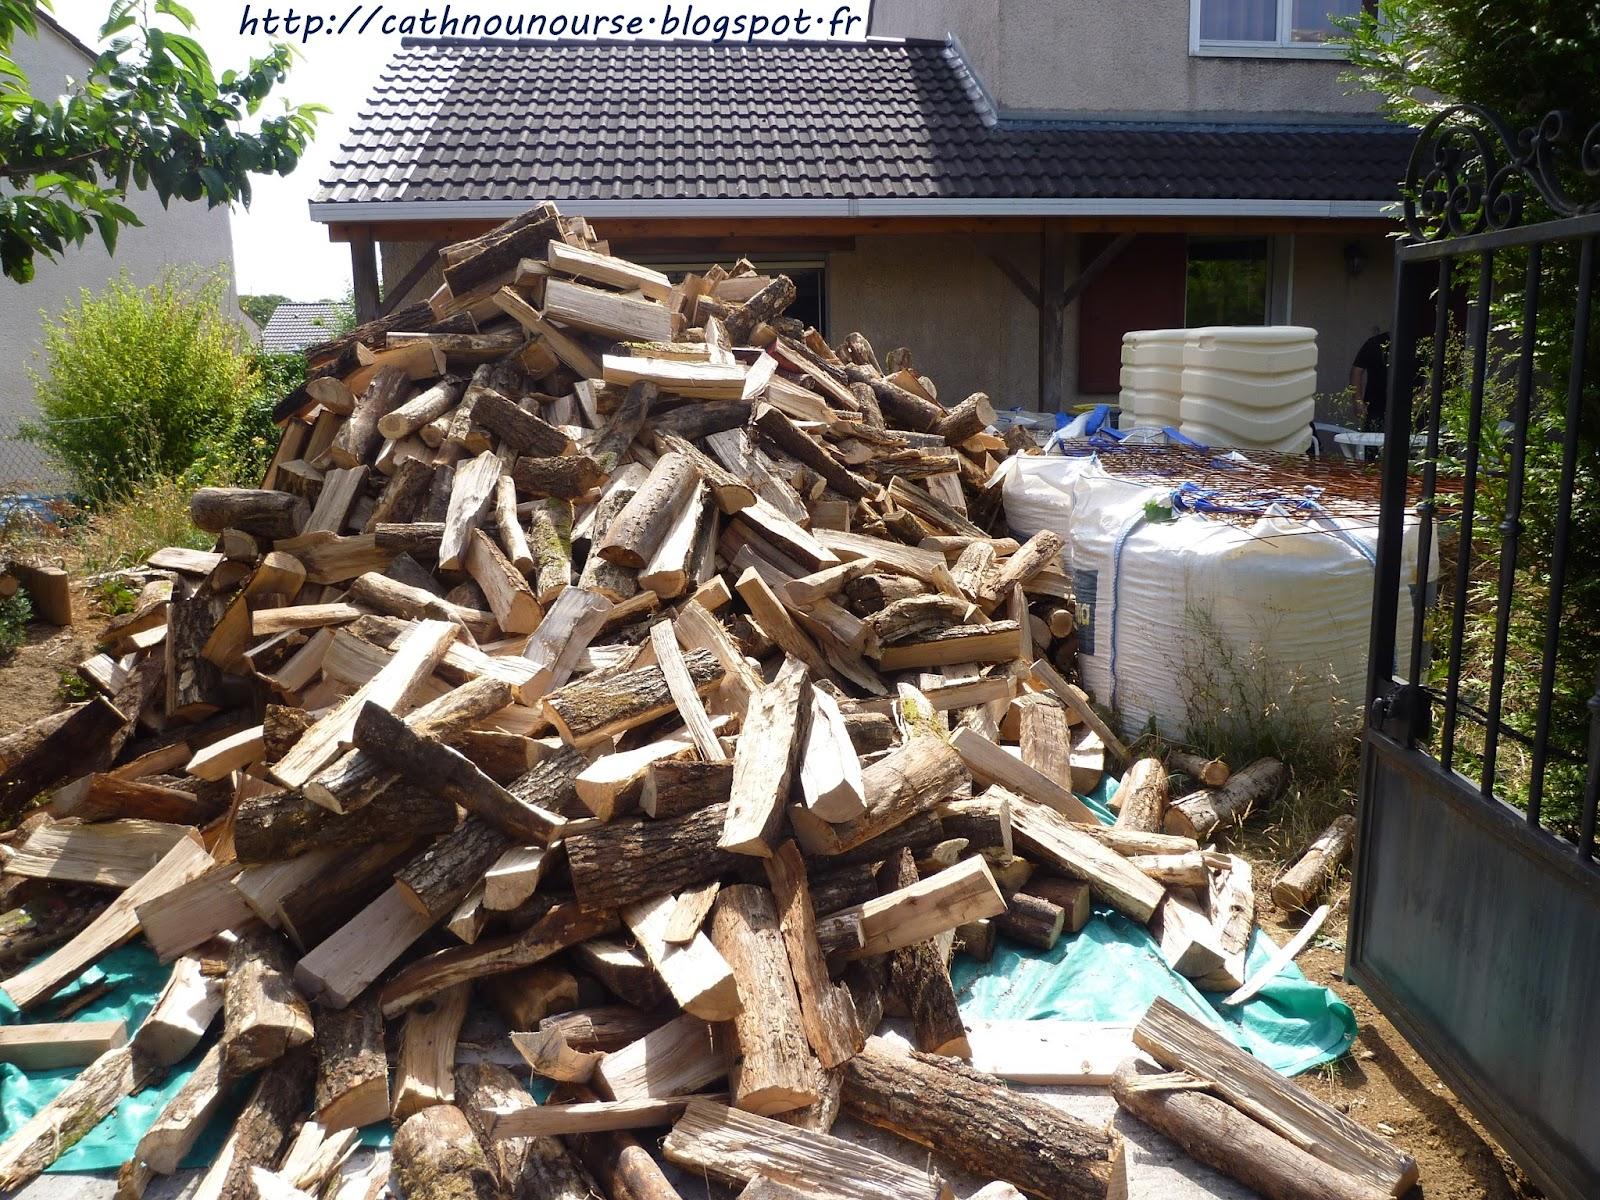 le blog de cathnounourse livraison du bois de chauffage. Black Bedroom Furniture Sets. Home Design Ideas